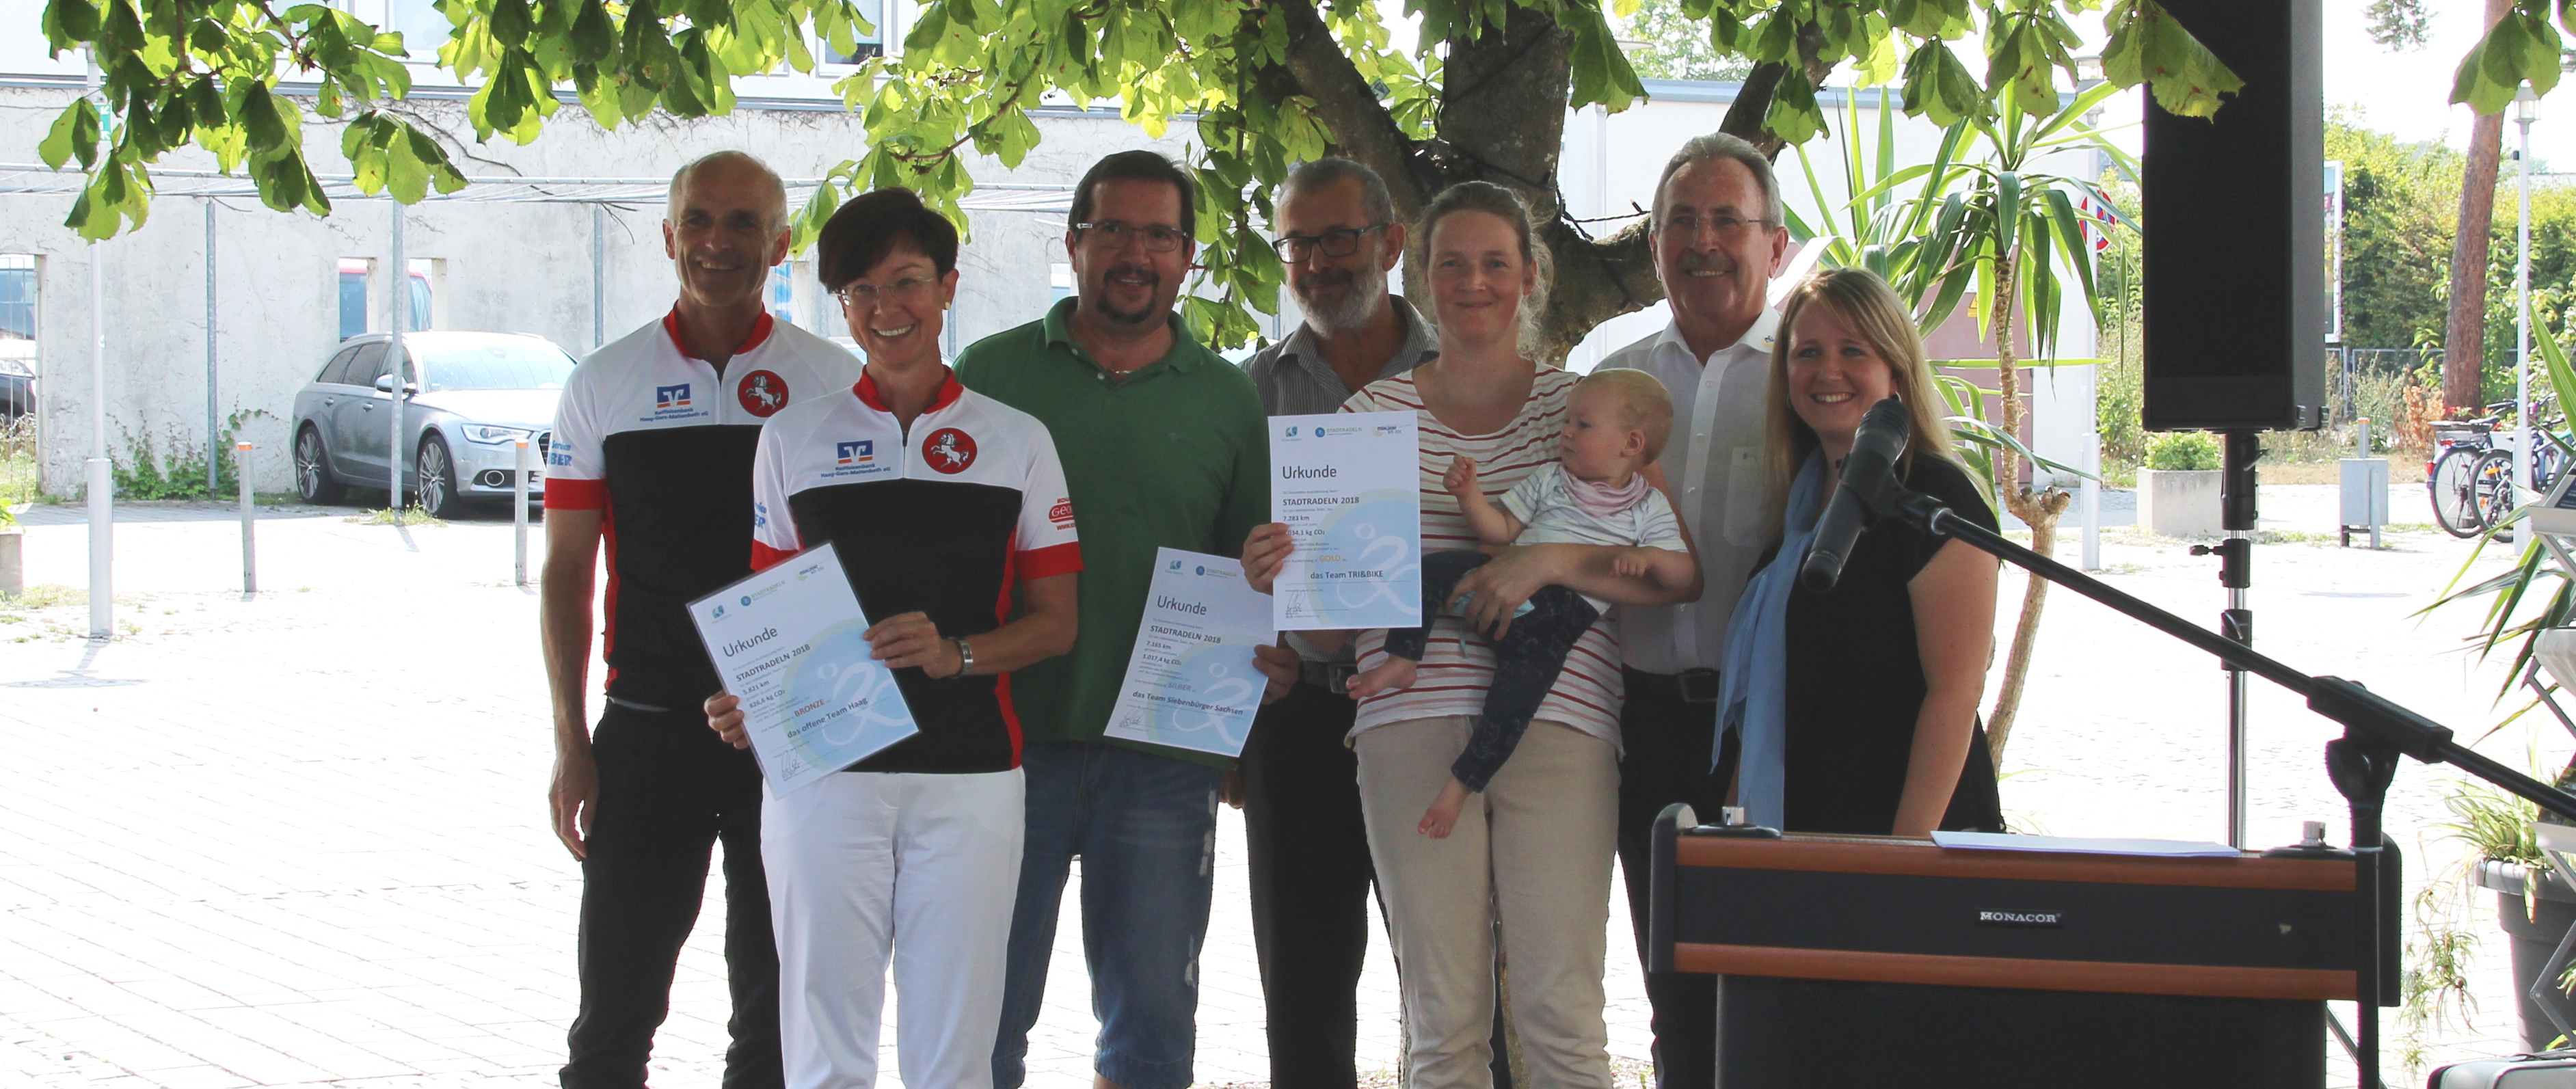 Stadtradeln im Landkreis Mühldorf – In 21 Tagen eineinhalb Mal um den Erdball